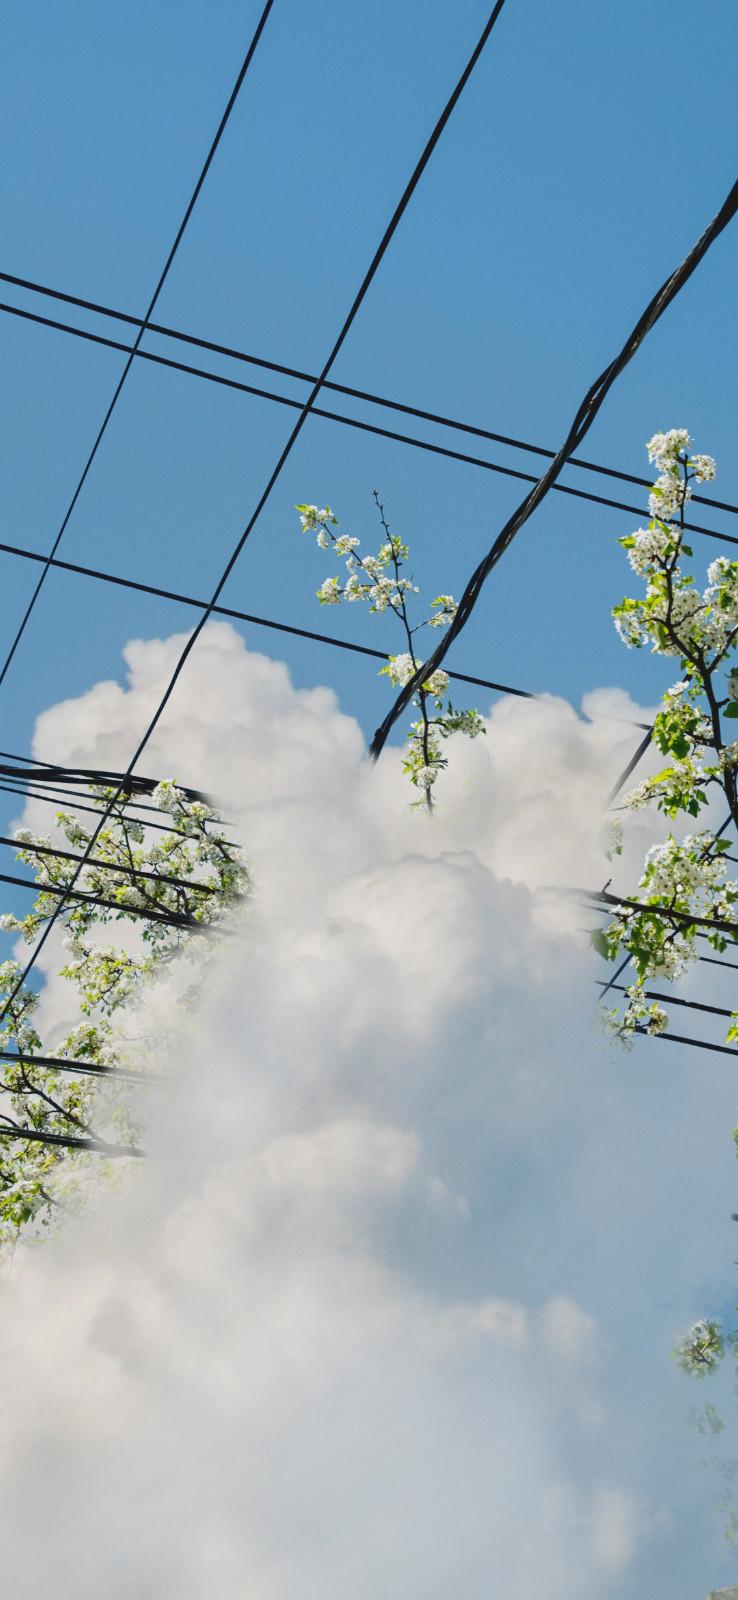 高清风景图|小清新简约的蓝色天空手机壁纸